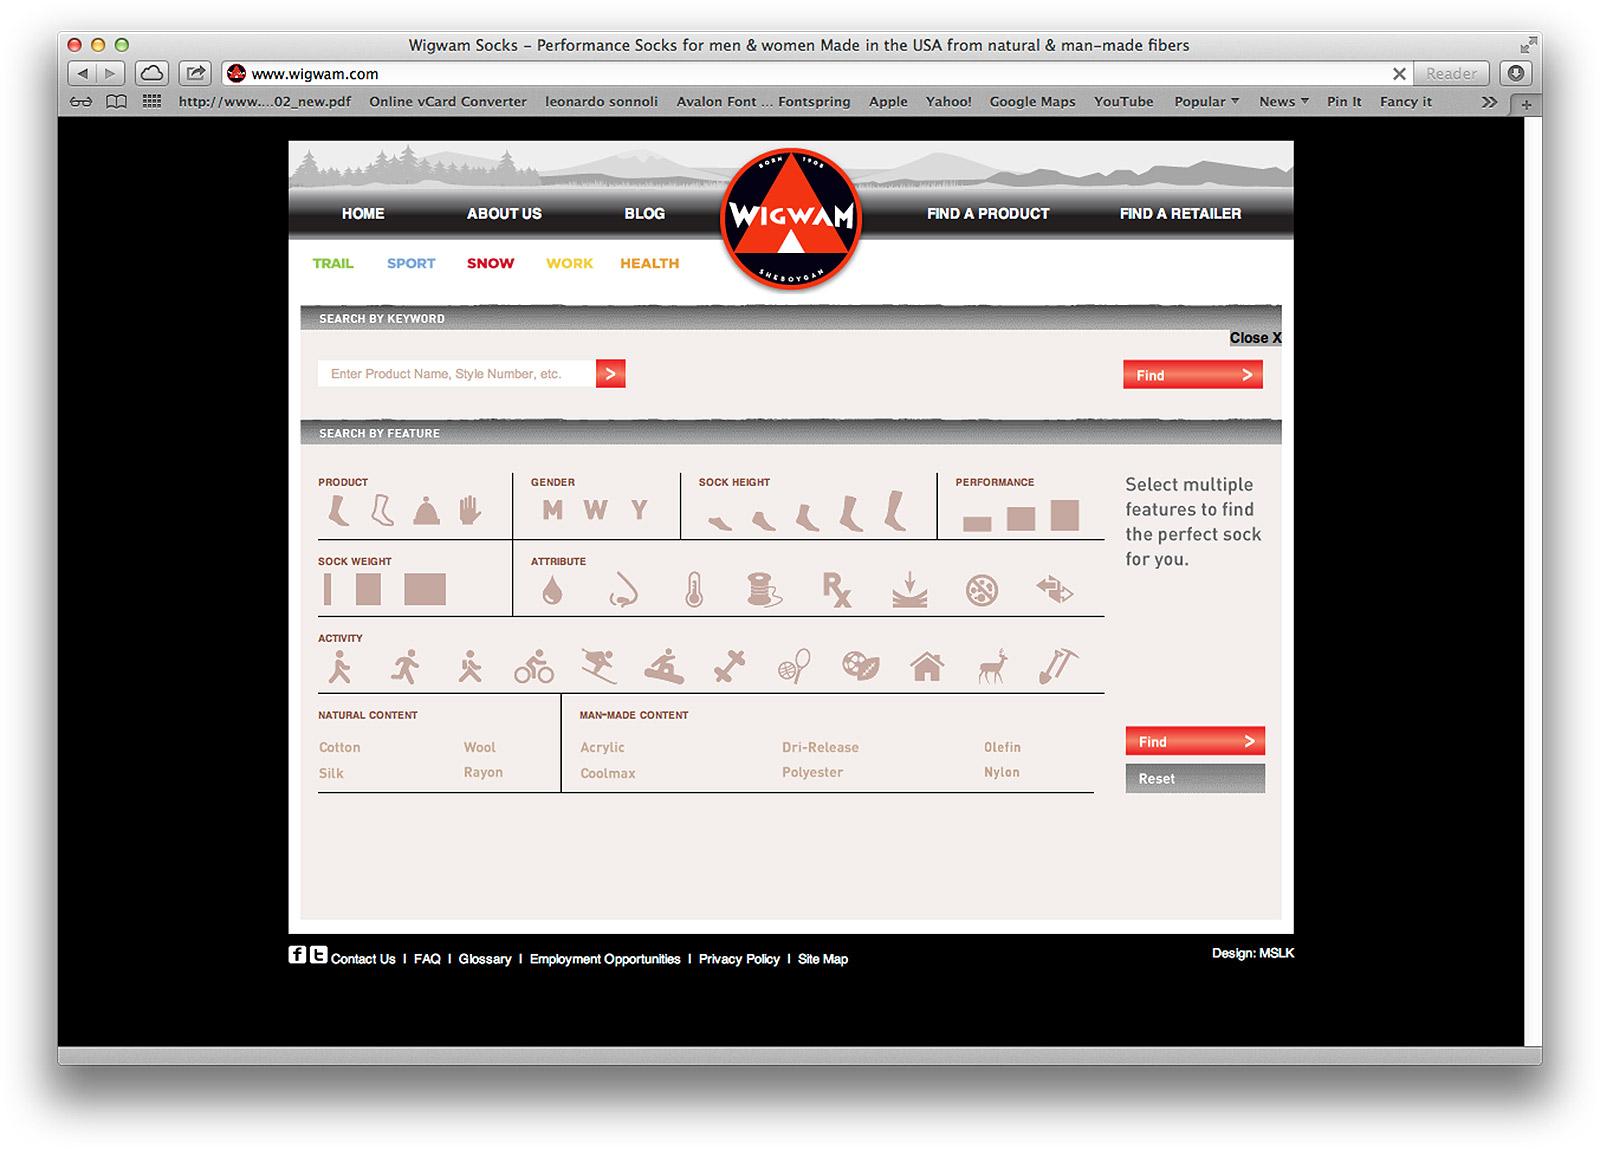 mslk-wigwam-website-4